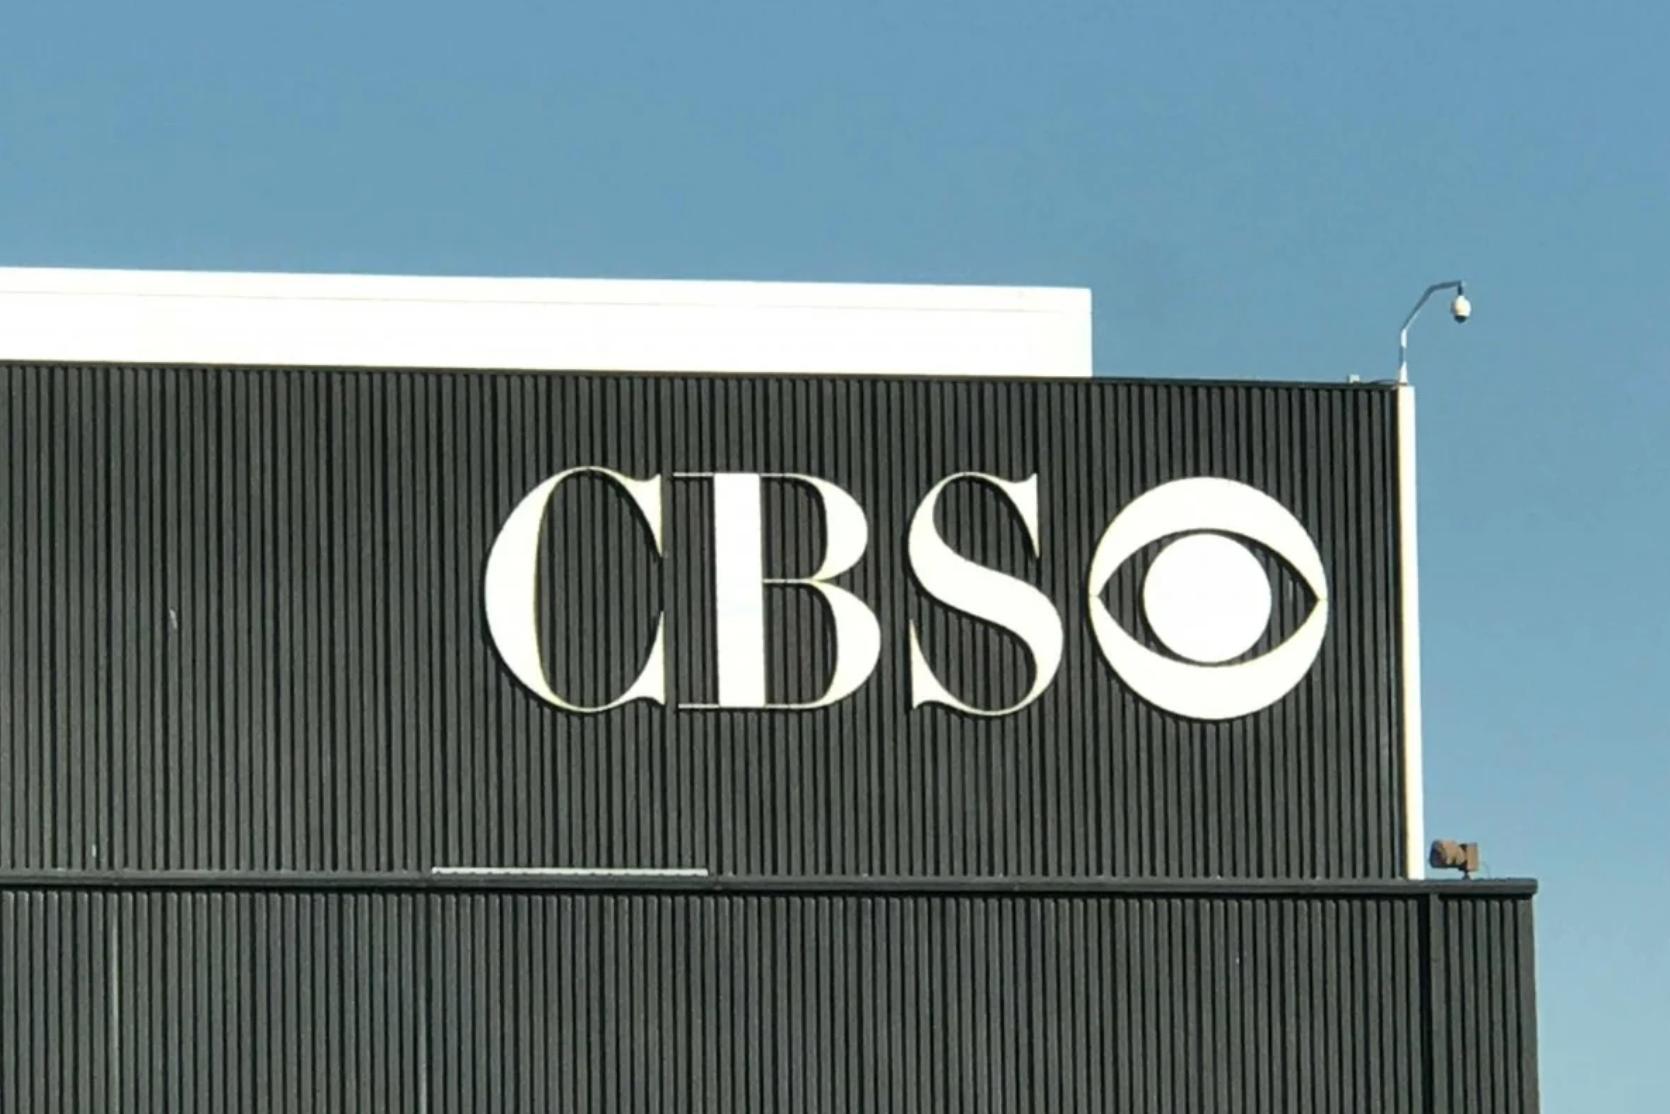 Trung Cộng bắt đầu gây khó dễ cho các hãng truyền thông Hoa Kỳ